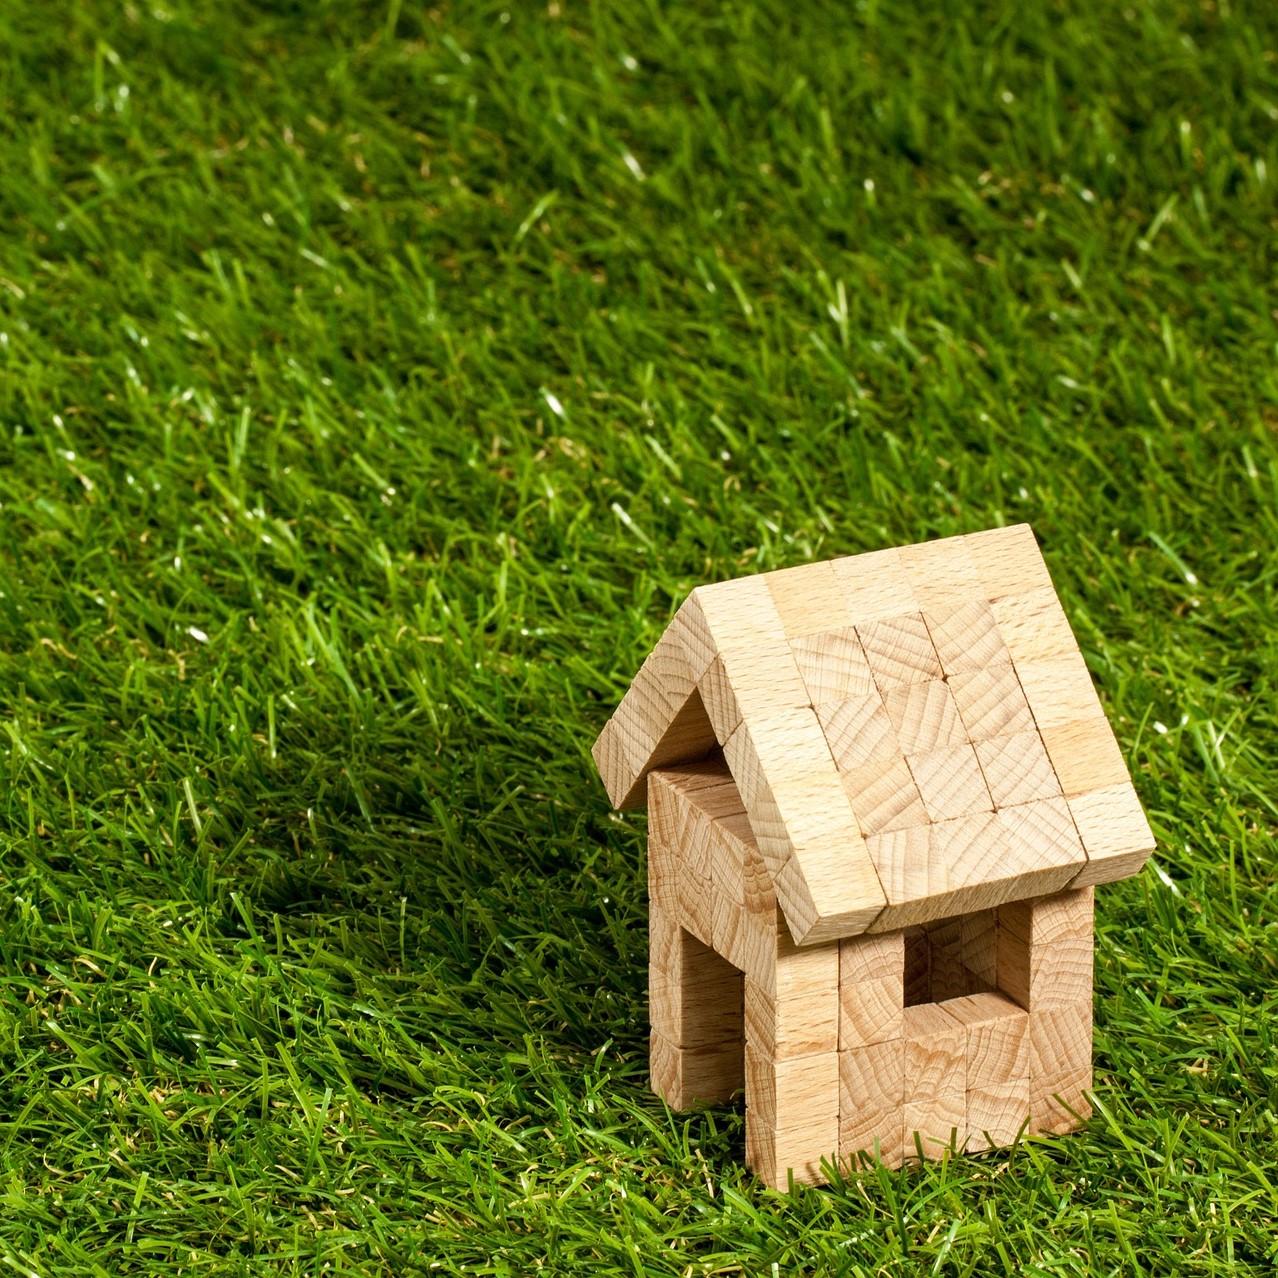 Immobilien - Die beste Beratung fängt weit vor dem Kauf, dem Umbau/Modernisierung oder dem Unterschreiben des Mietvertrages an.Das gilt für privat als auch geschäftlich genutzte Objekte.Dann ist es mir möglich, auf Grund von Kriterien wie den Chi-Fluss und anderen relevanten Aspekten, die für Sie beste Immobilie zu identifizieren oder die vorhandene zu optimieren.